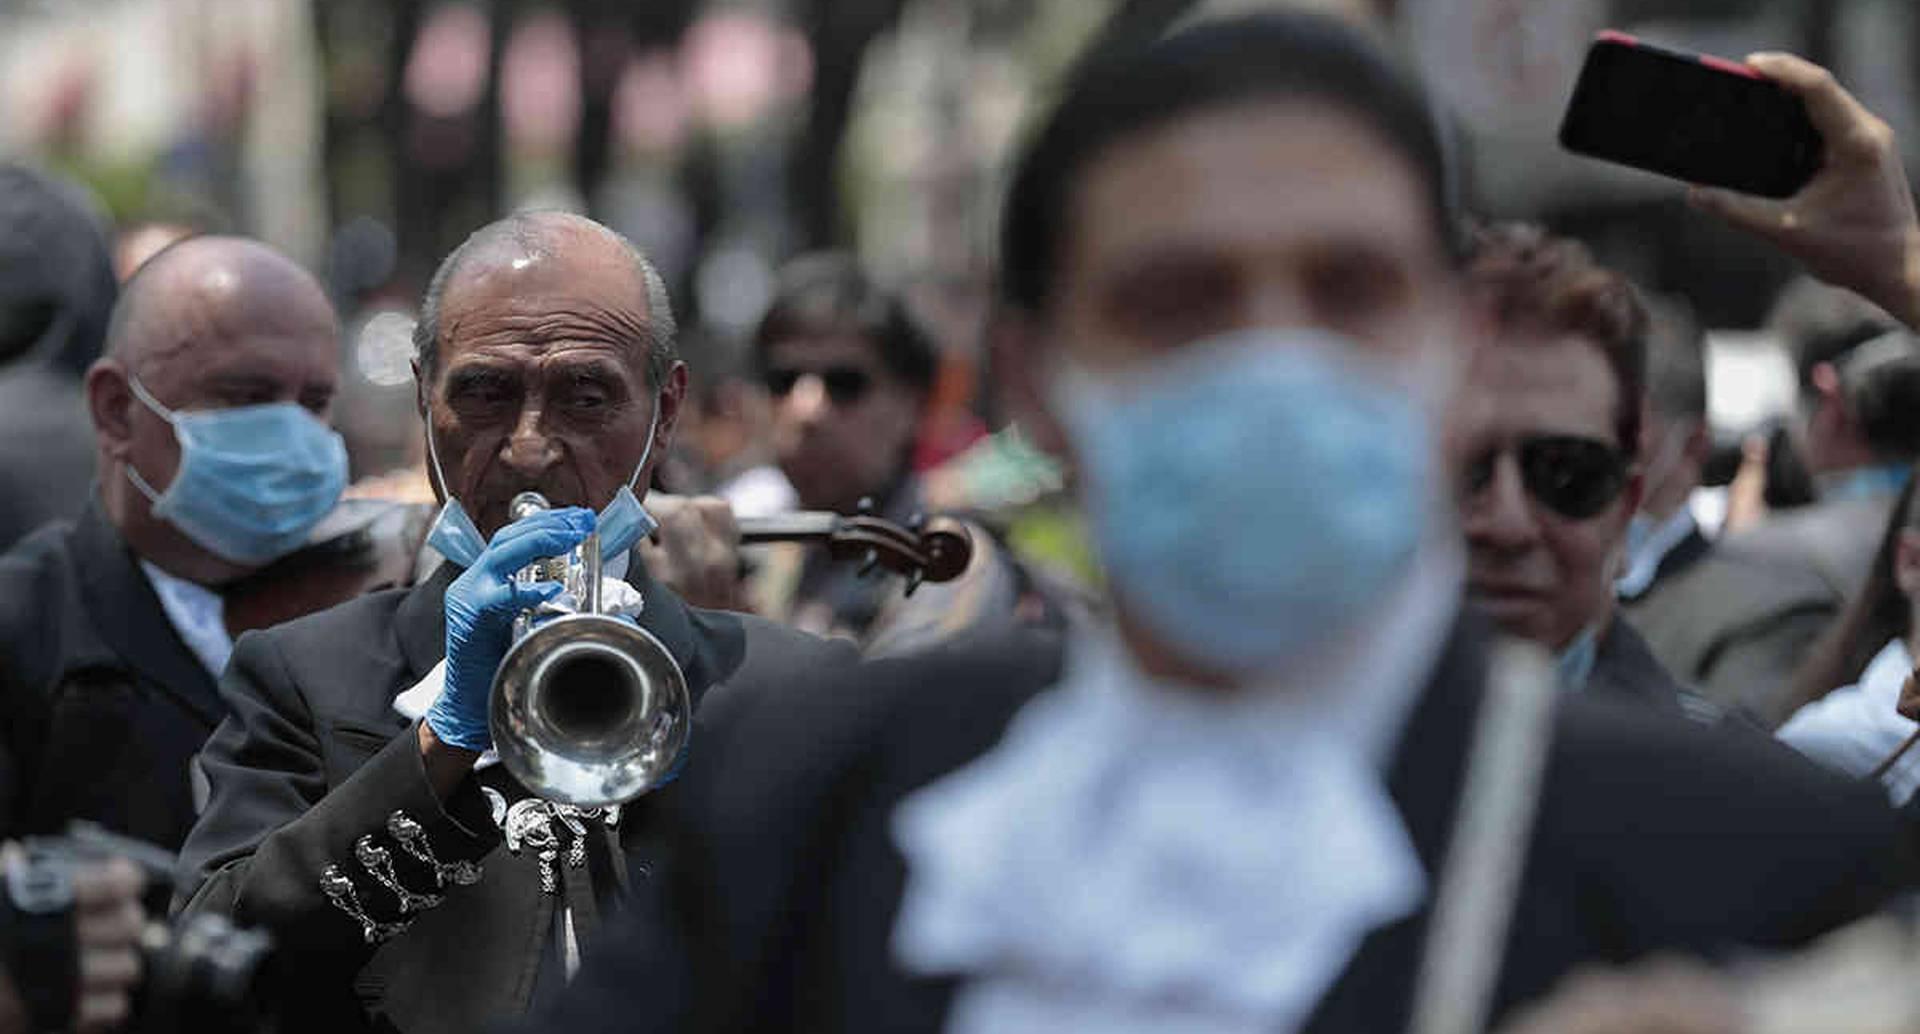 Miembros de Asociación Mexicana de Mariachis tocaron para los pacientes y médicos en el Instituto Nacional de Enfermedades Respiratorias, en Ciudad de México, el 7 de abril pasado. Buscaban recaudar dinero para los mariachis sin trabajo, en medio de la crisis por el covid-19. Foto: Eduardo Verdugo/ AP